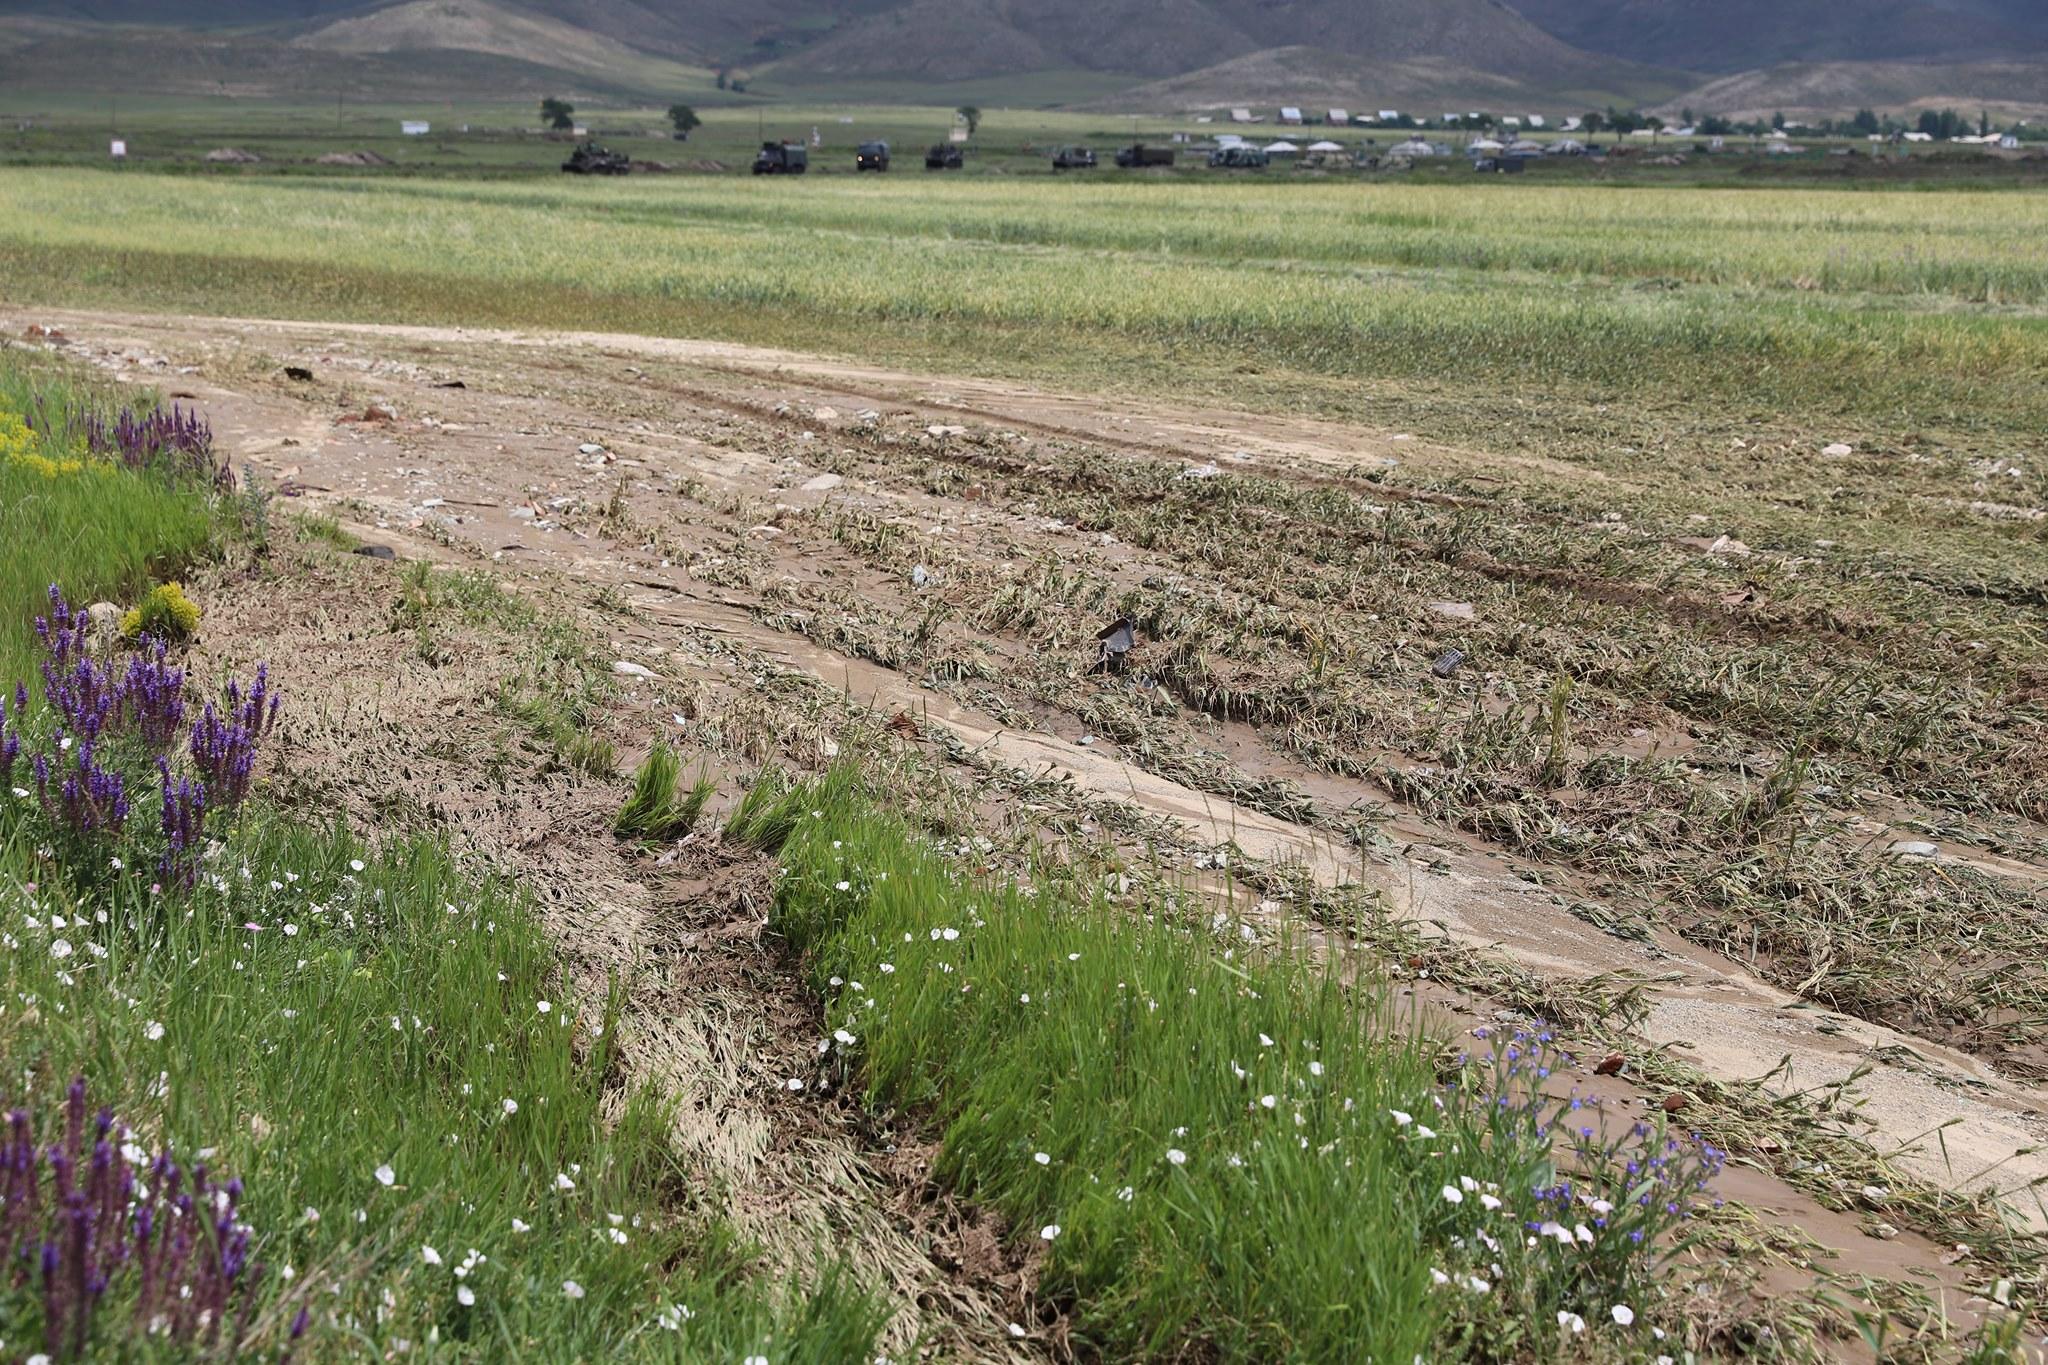 Photo of Կարկուտը և հորդառատ արձրևը վնասներ են հասցրել Հացիկ, Շիրակ, Մարմաշեն, Վահրամաբերդ, Կապս բնակավայրերին